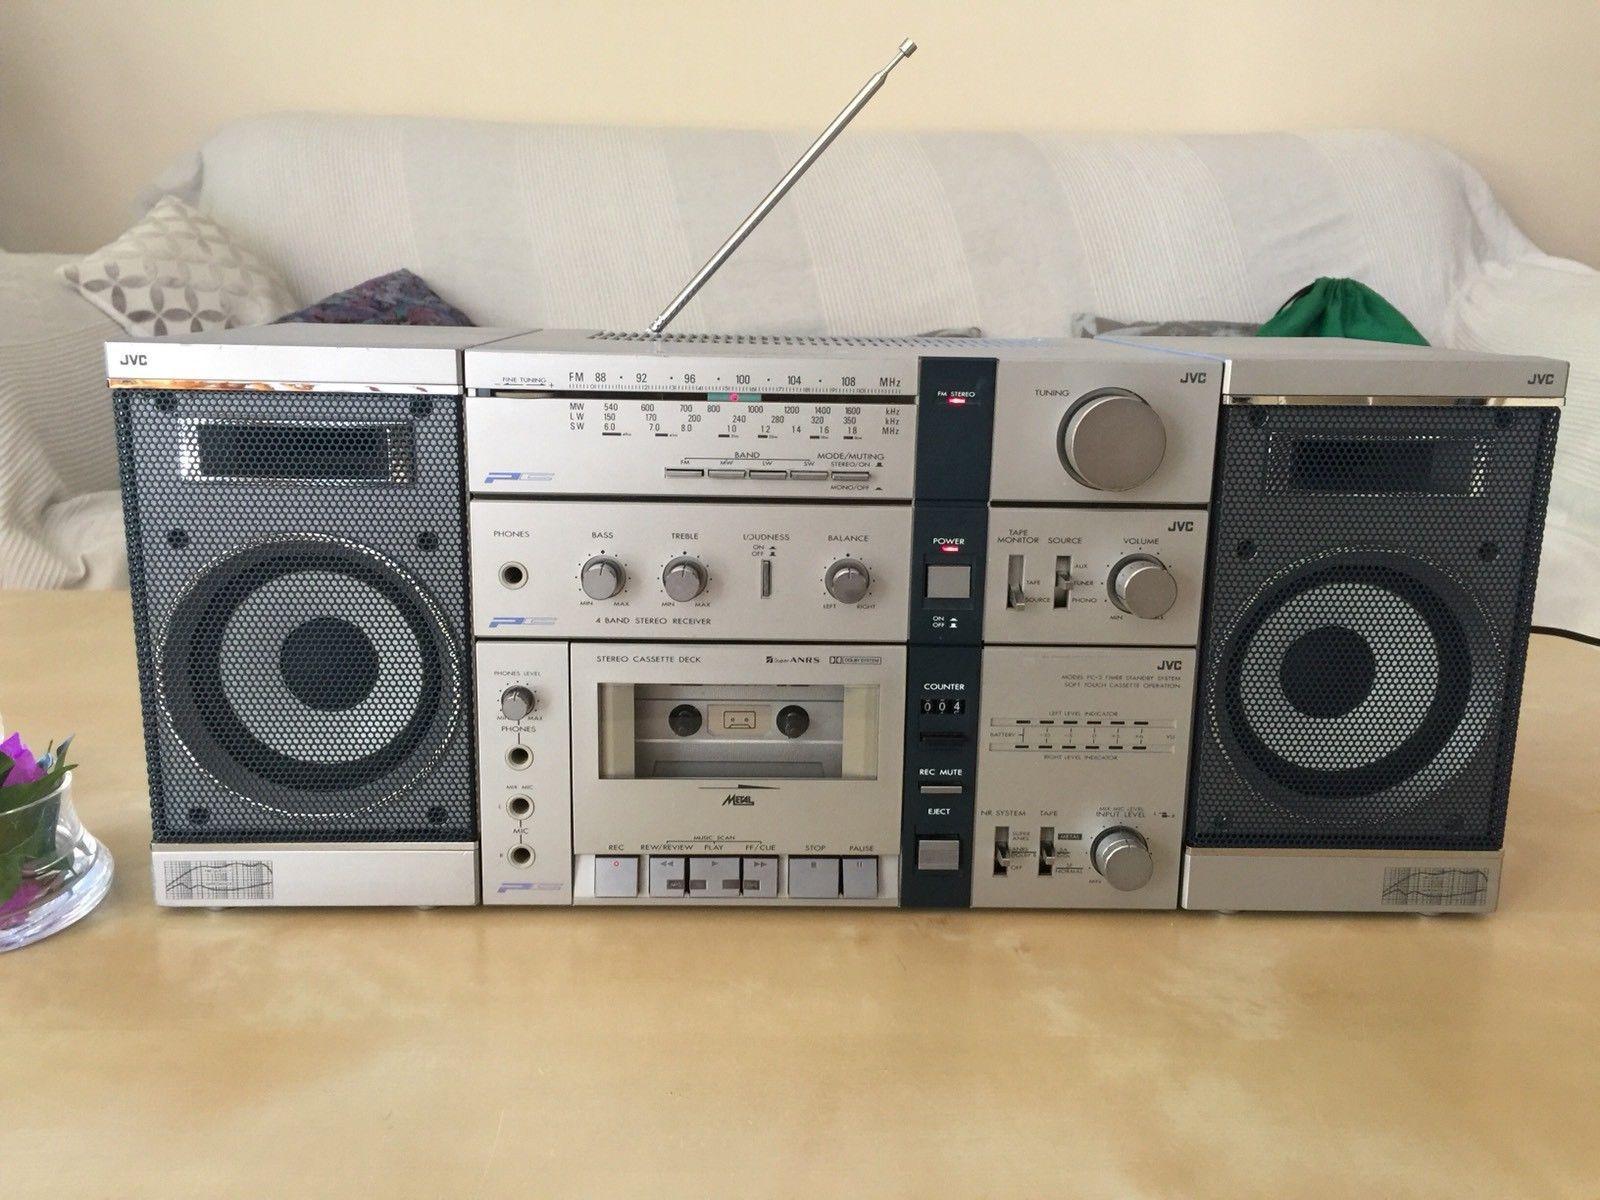 JVC PC3   audio in 2019   Hifi audio, Hifi speakers, Record